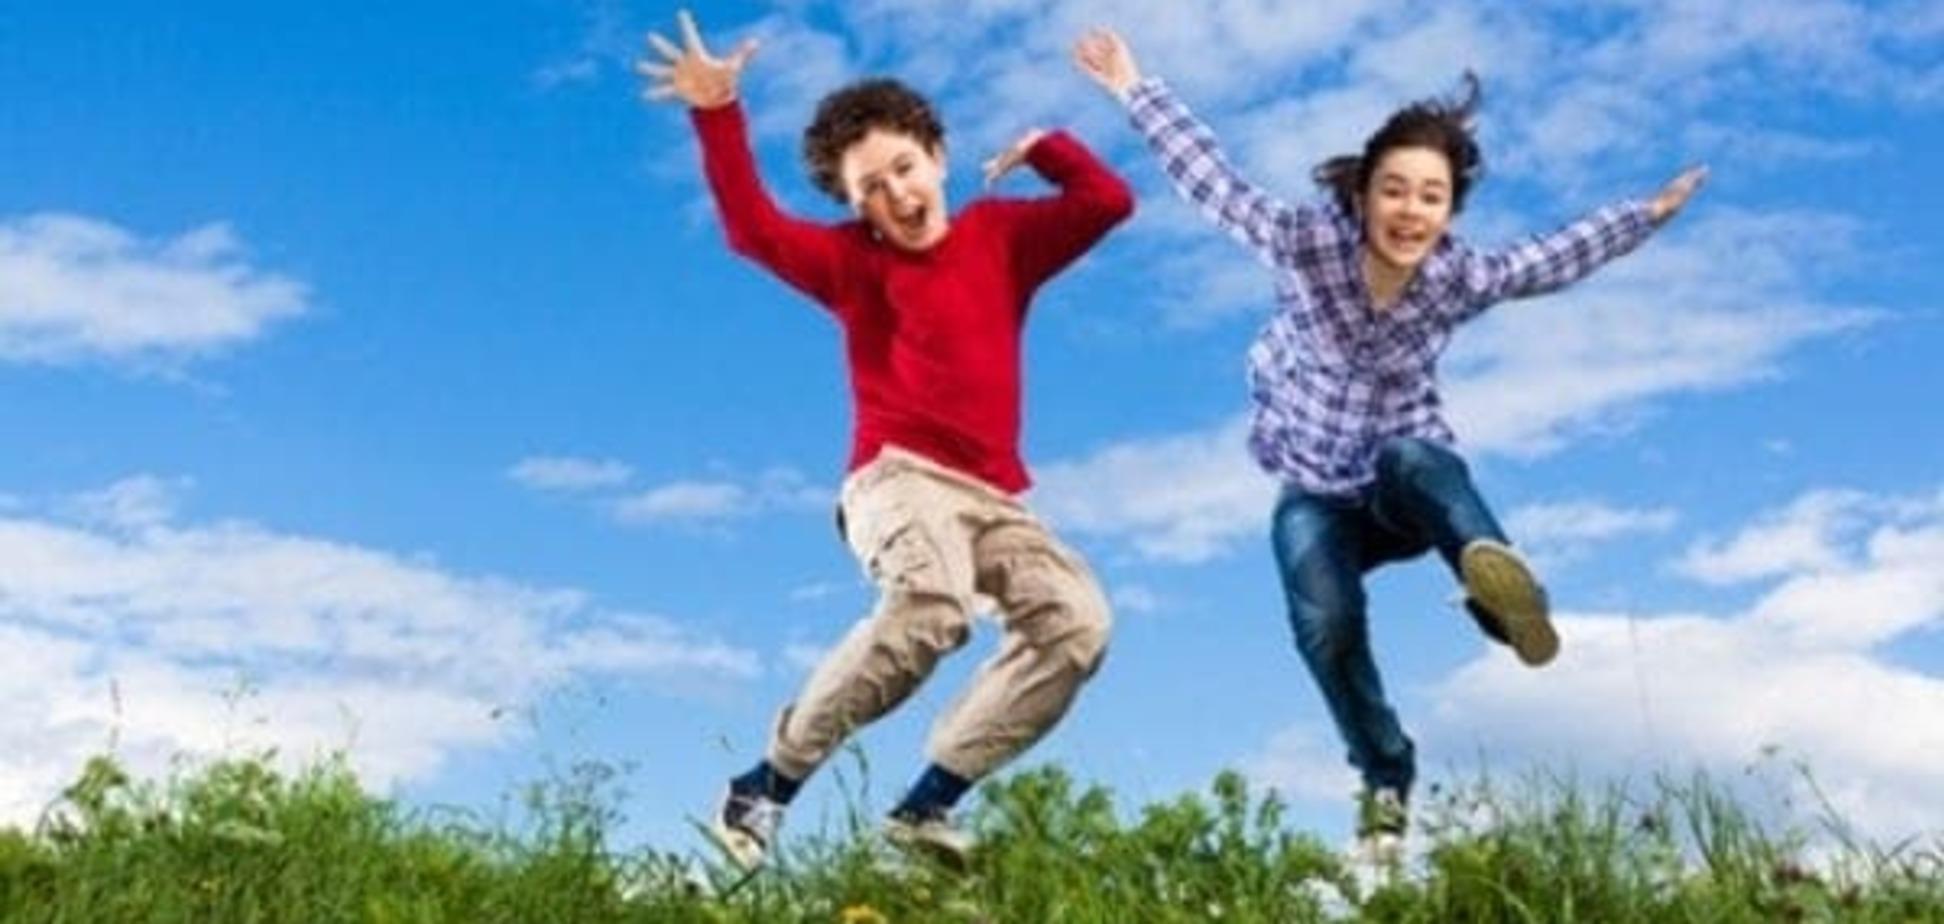 Ученые выяснили. почему подростки такие неуклюжие